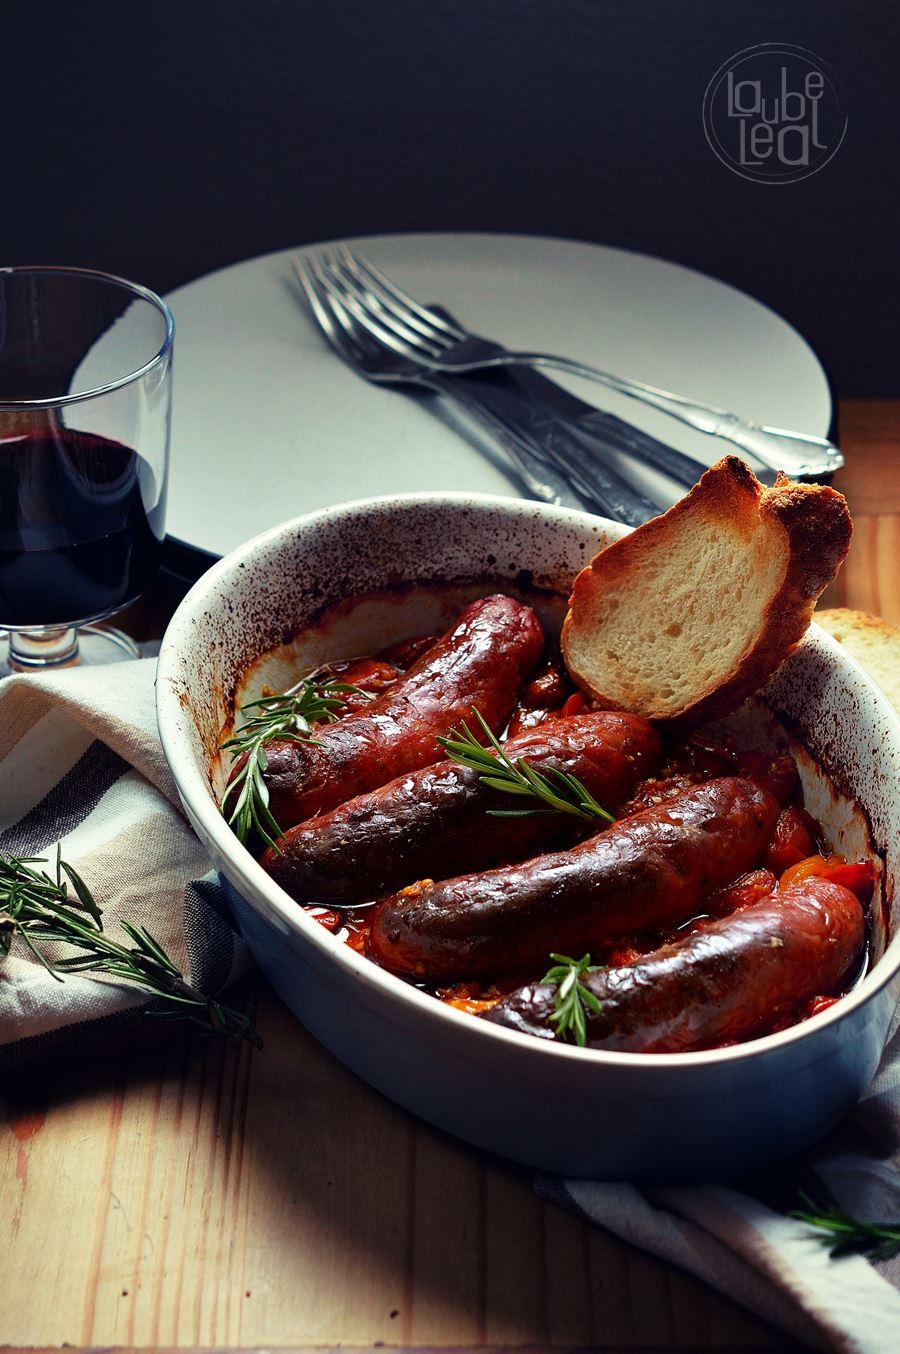 Salchichas frescas asadas con salsa de cherries laube leal - Salchichas frescas en salsa ...